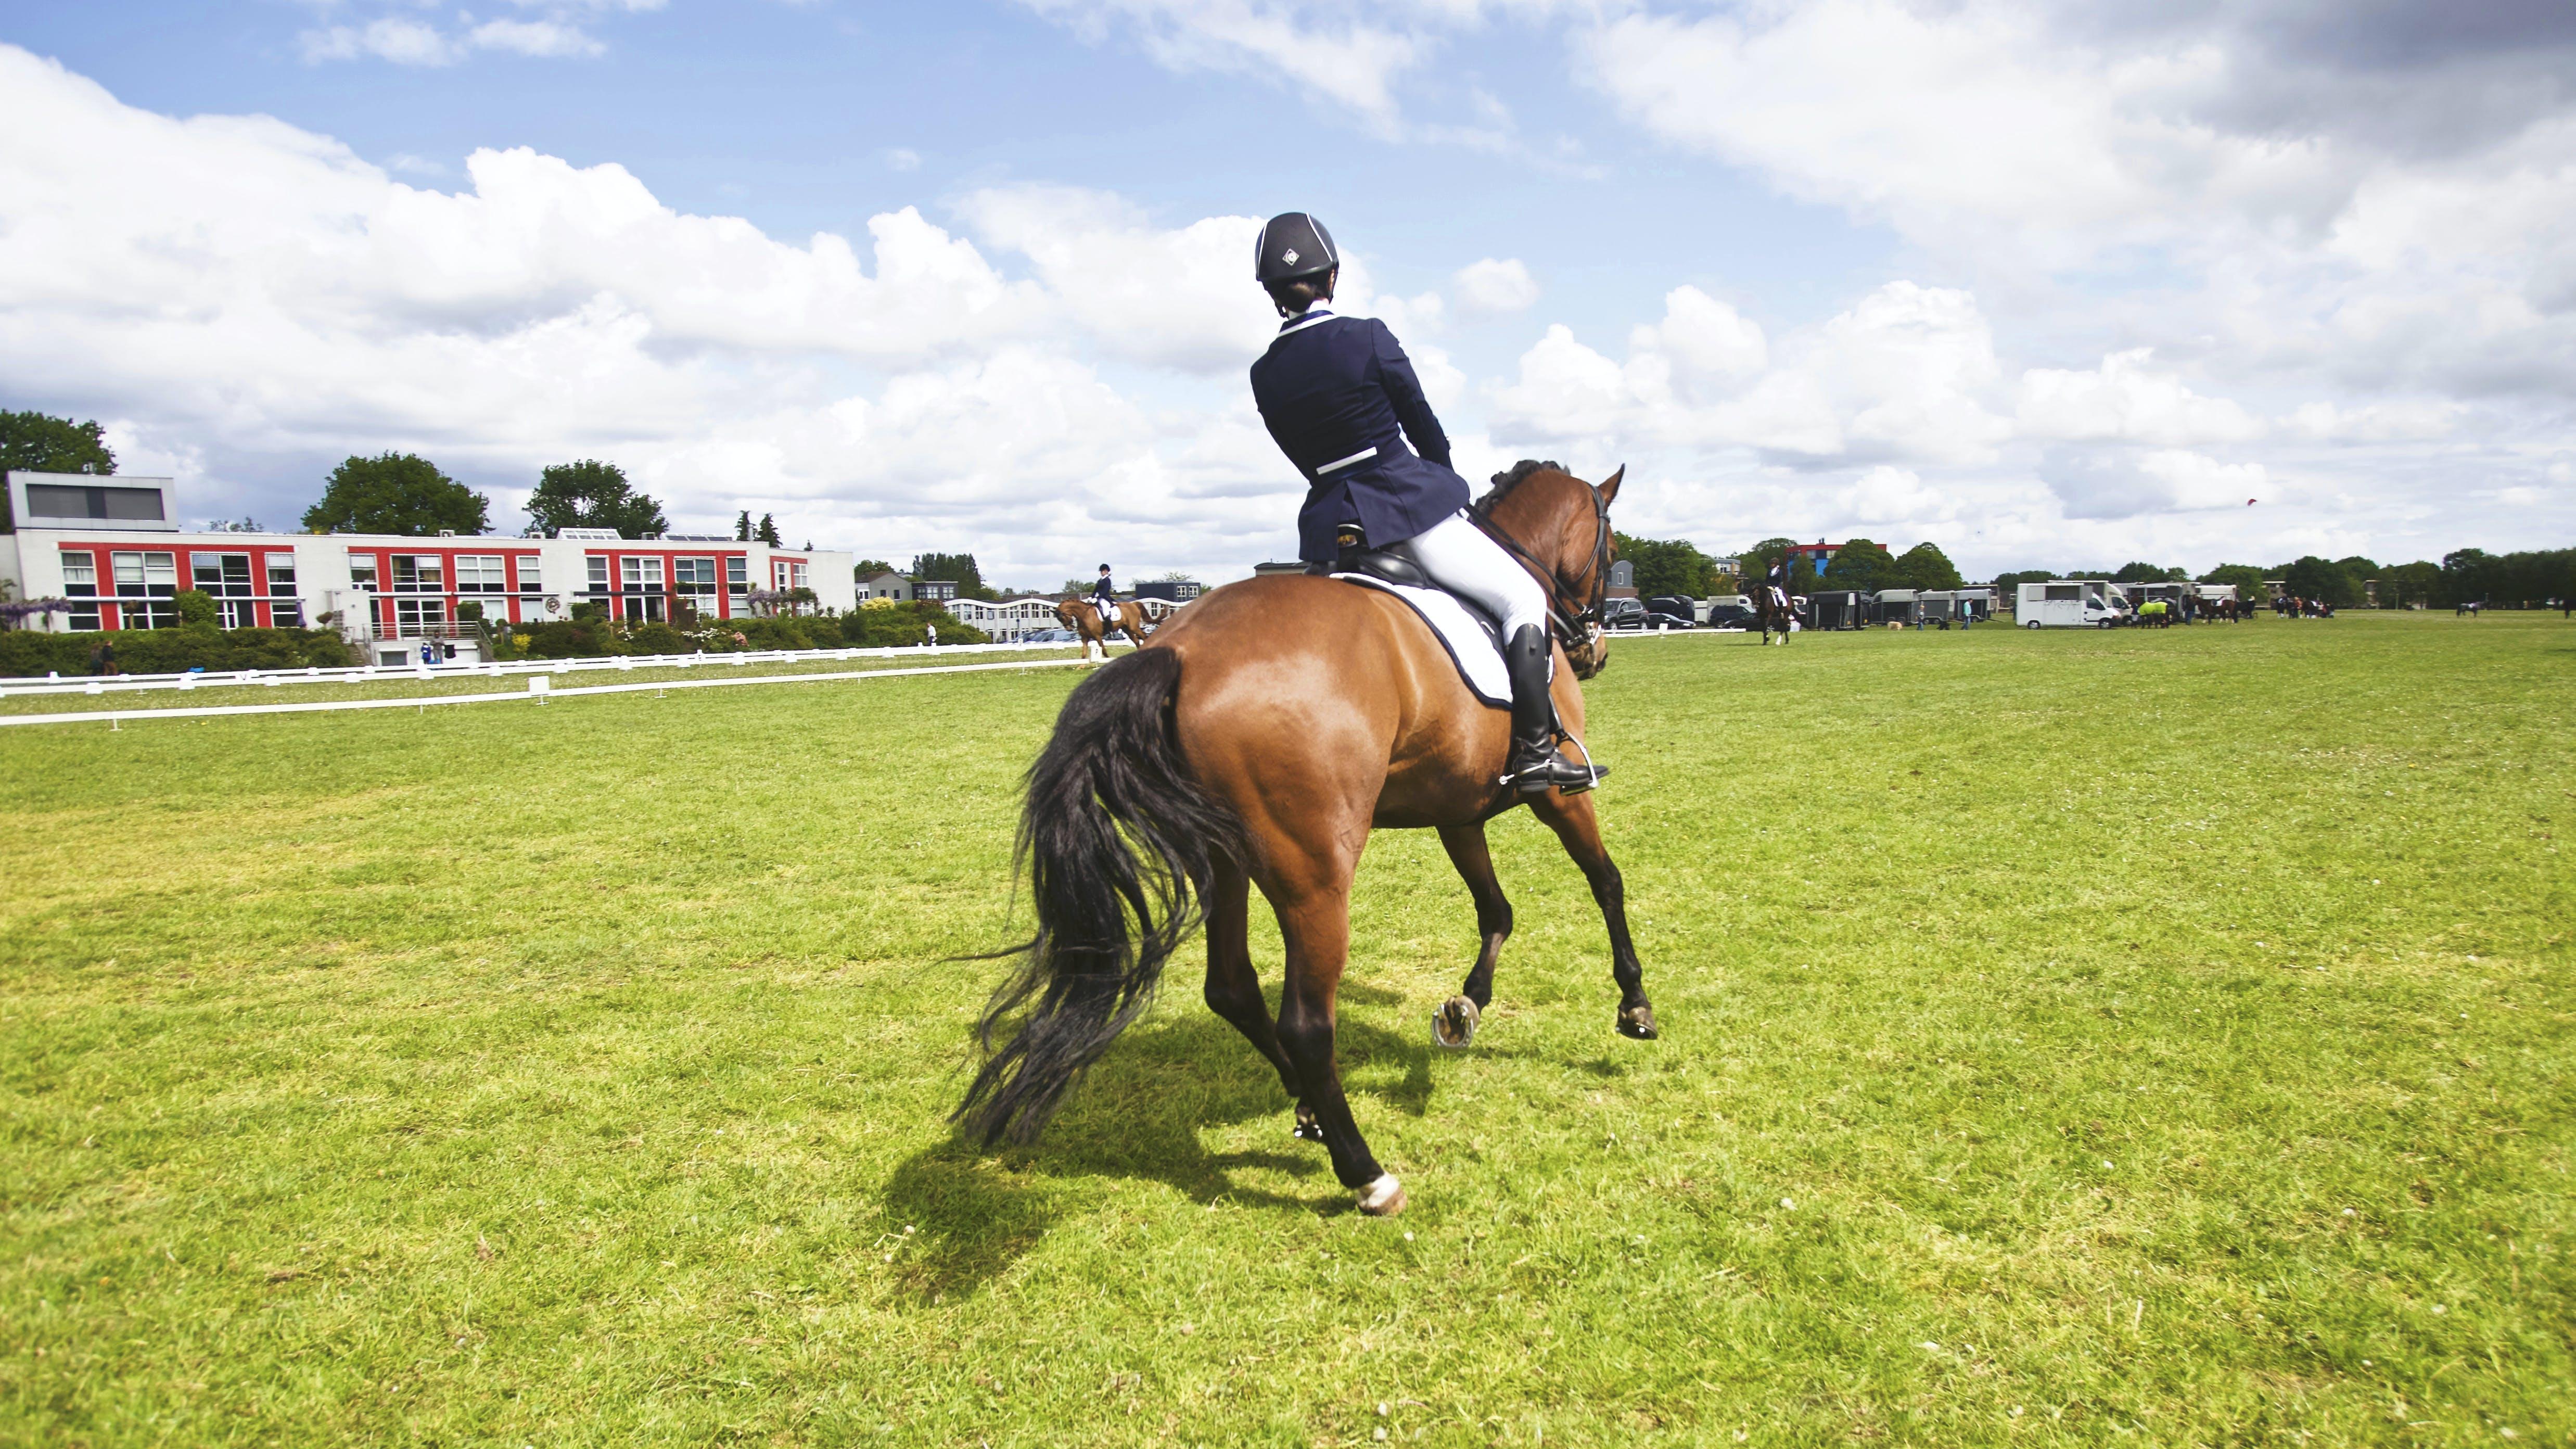 기병, 기수, 대회, 말의 무료 스톡 사진